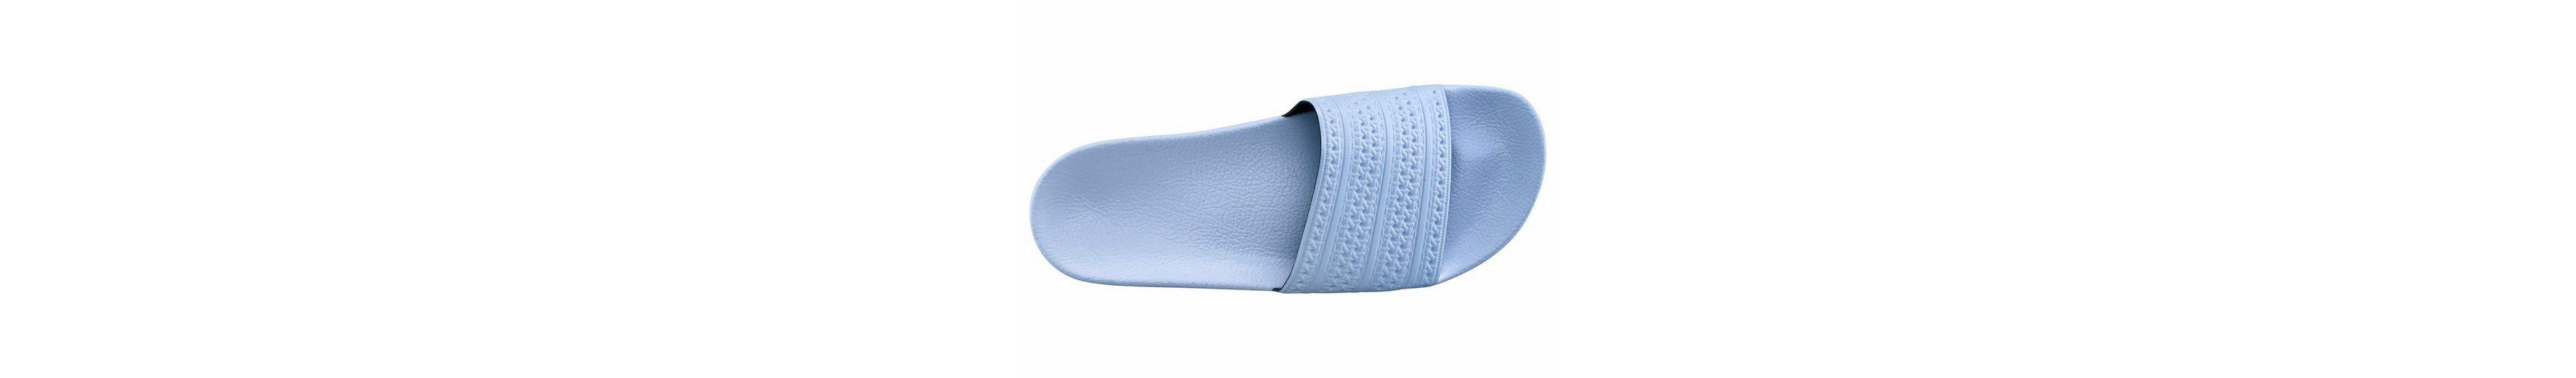 Günstig Kaufen Großen Verkauf adidas Originals Adilette Badesandale Billige Sammlungen Aus Deutschland Niedrig Versandkosten hOwuTI4